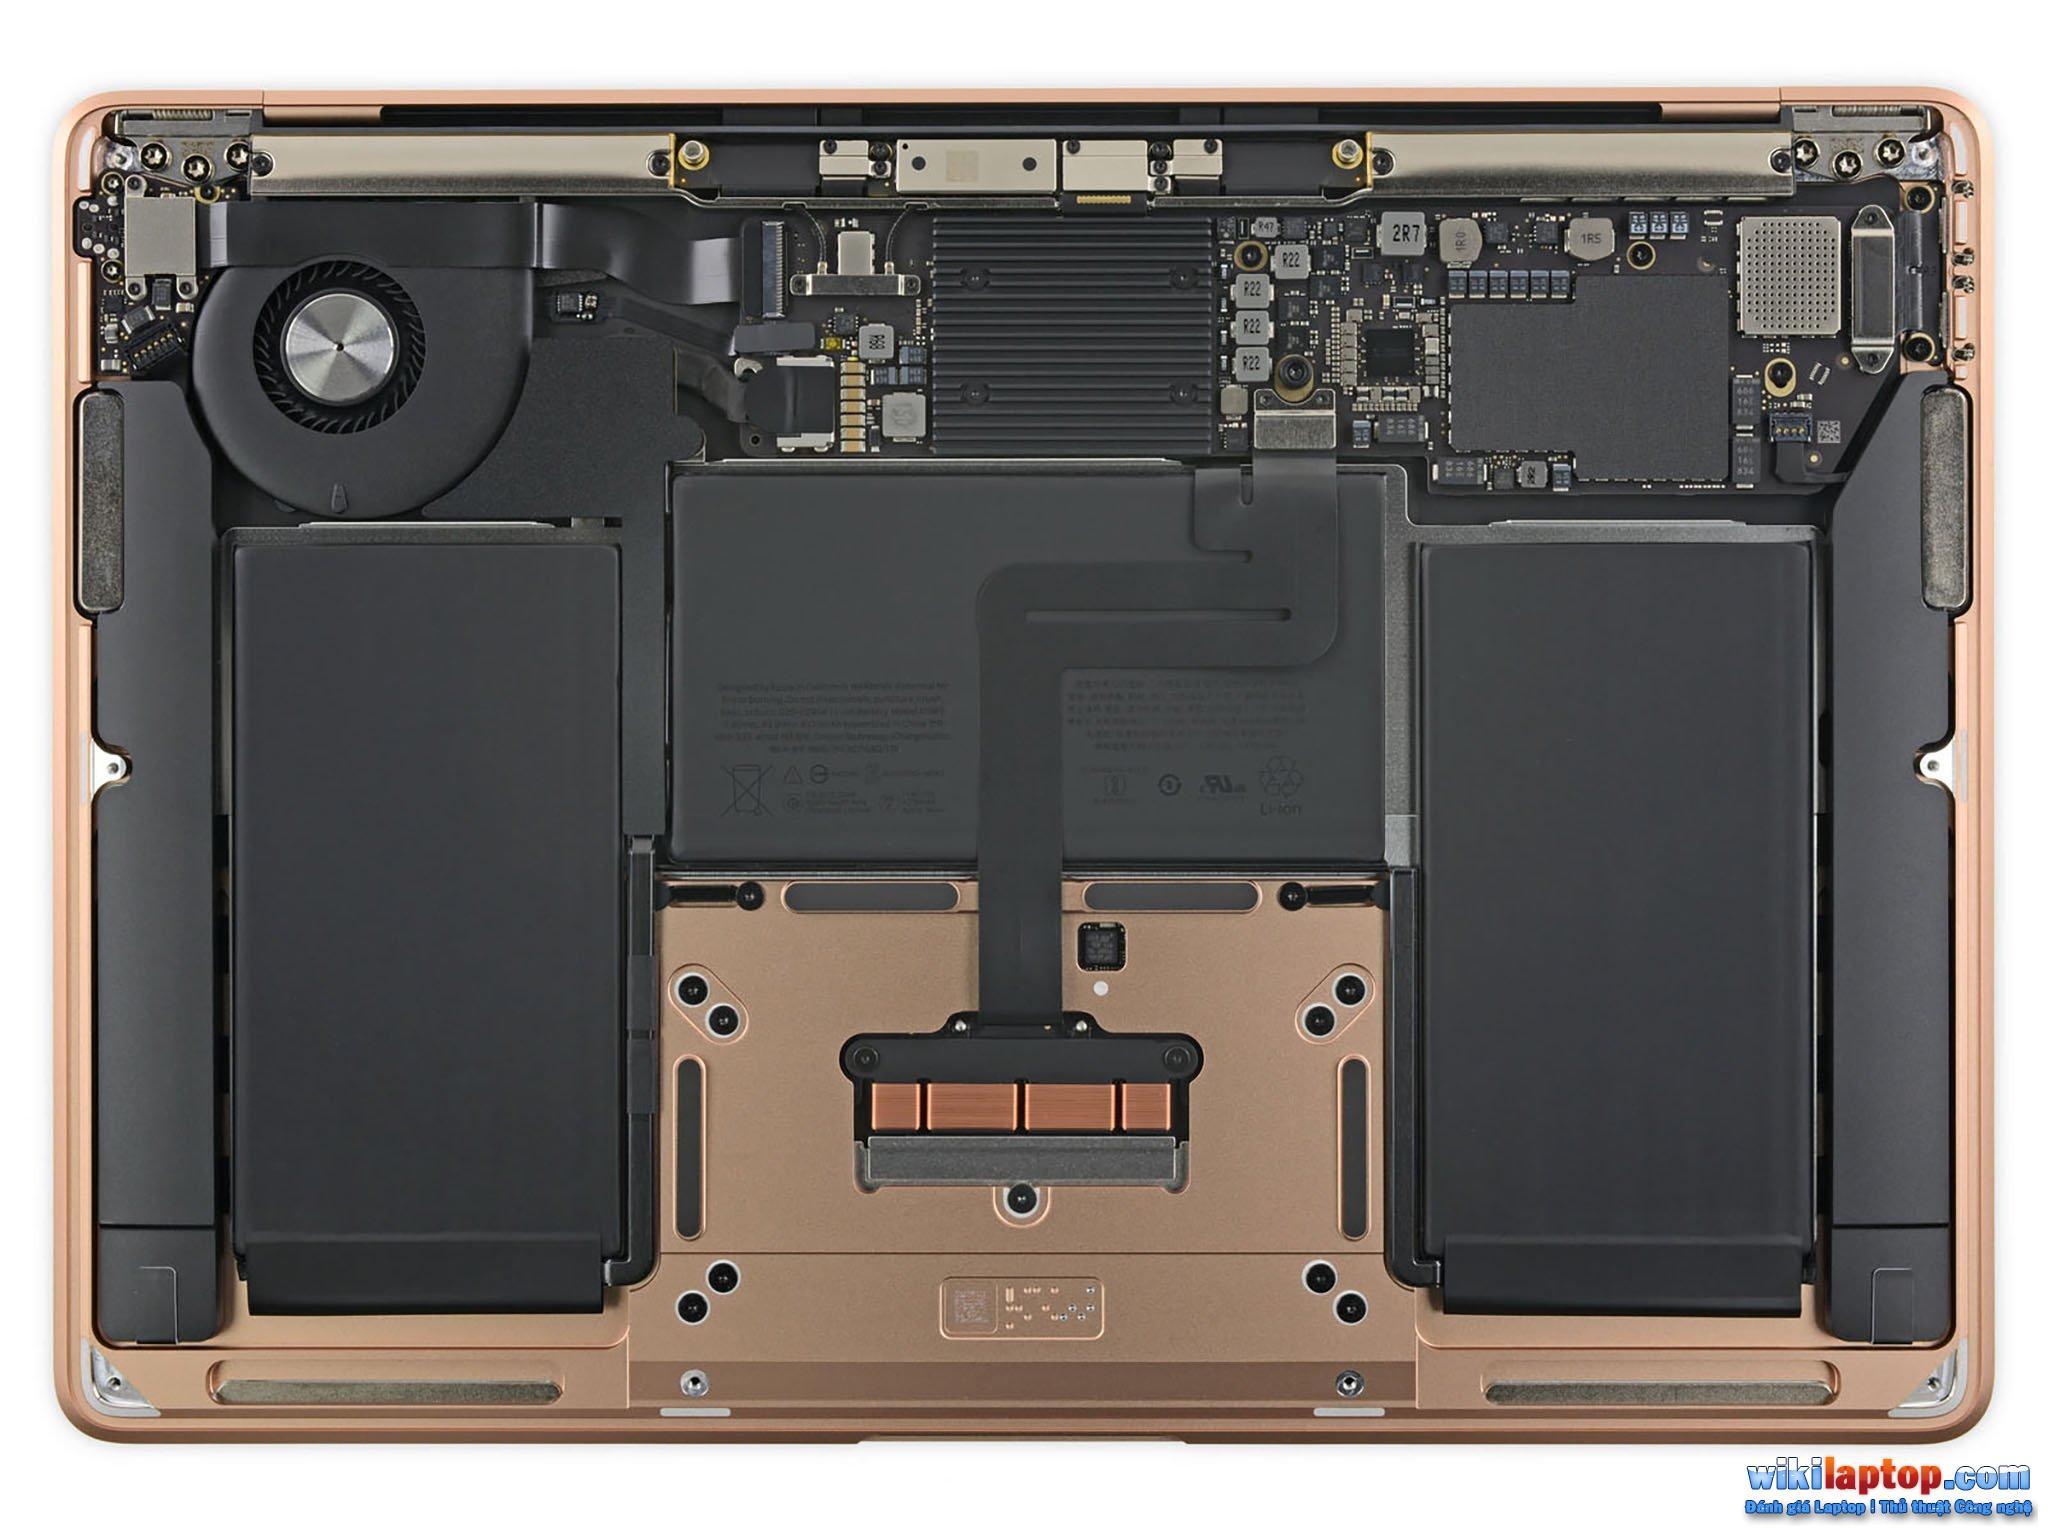 Sforum - Trang thông tin công nghệ mới nhất 4478818_MBA2018_06 MacBook Air 2020 và MacBook Pro 13 inch: Lựa chọn nào phù hợp với chi phí và nhu cầu?